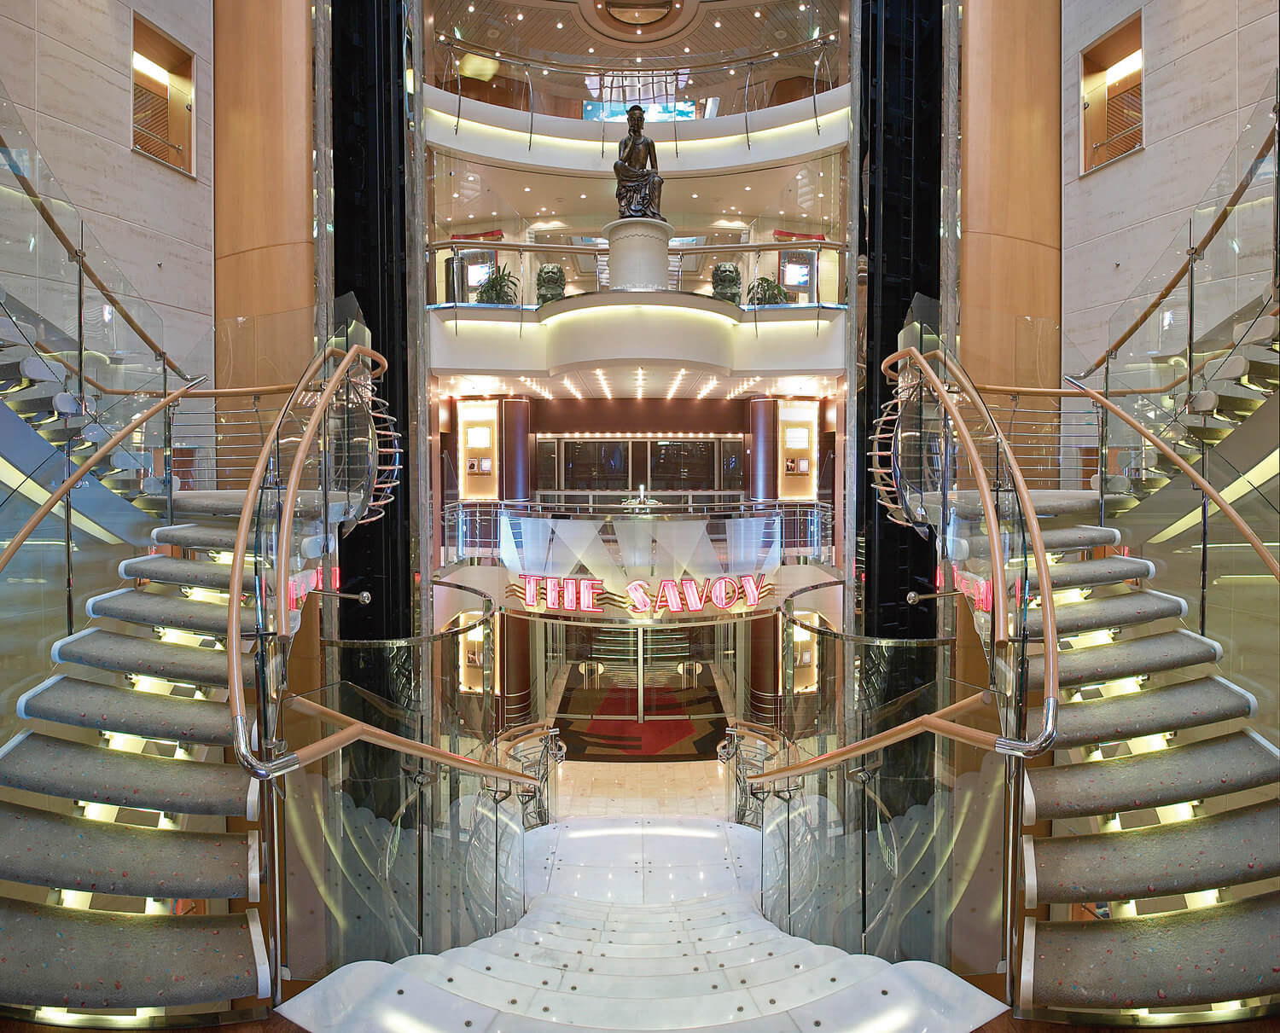 Круизный лайнер Mariner of the Seas - Атриум (Atrium)